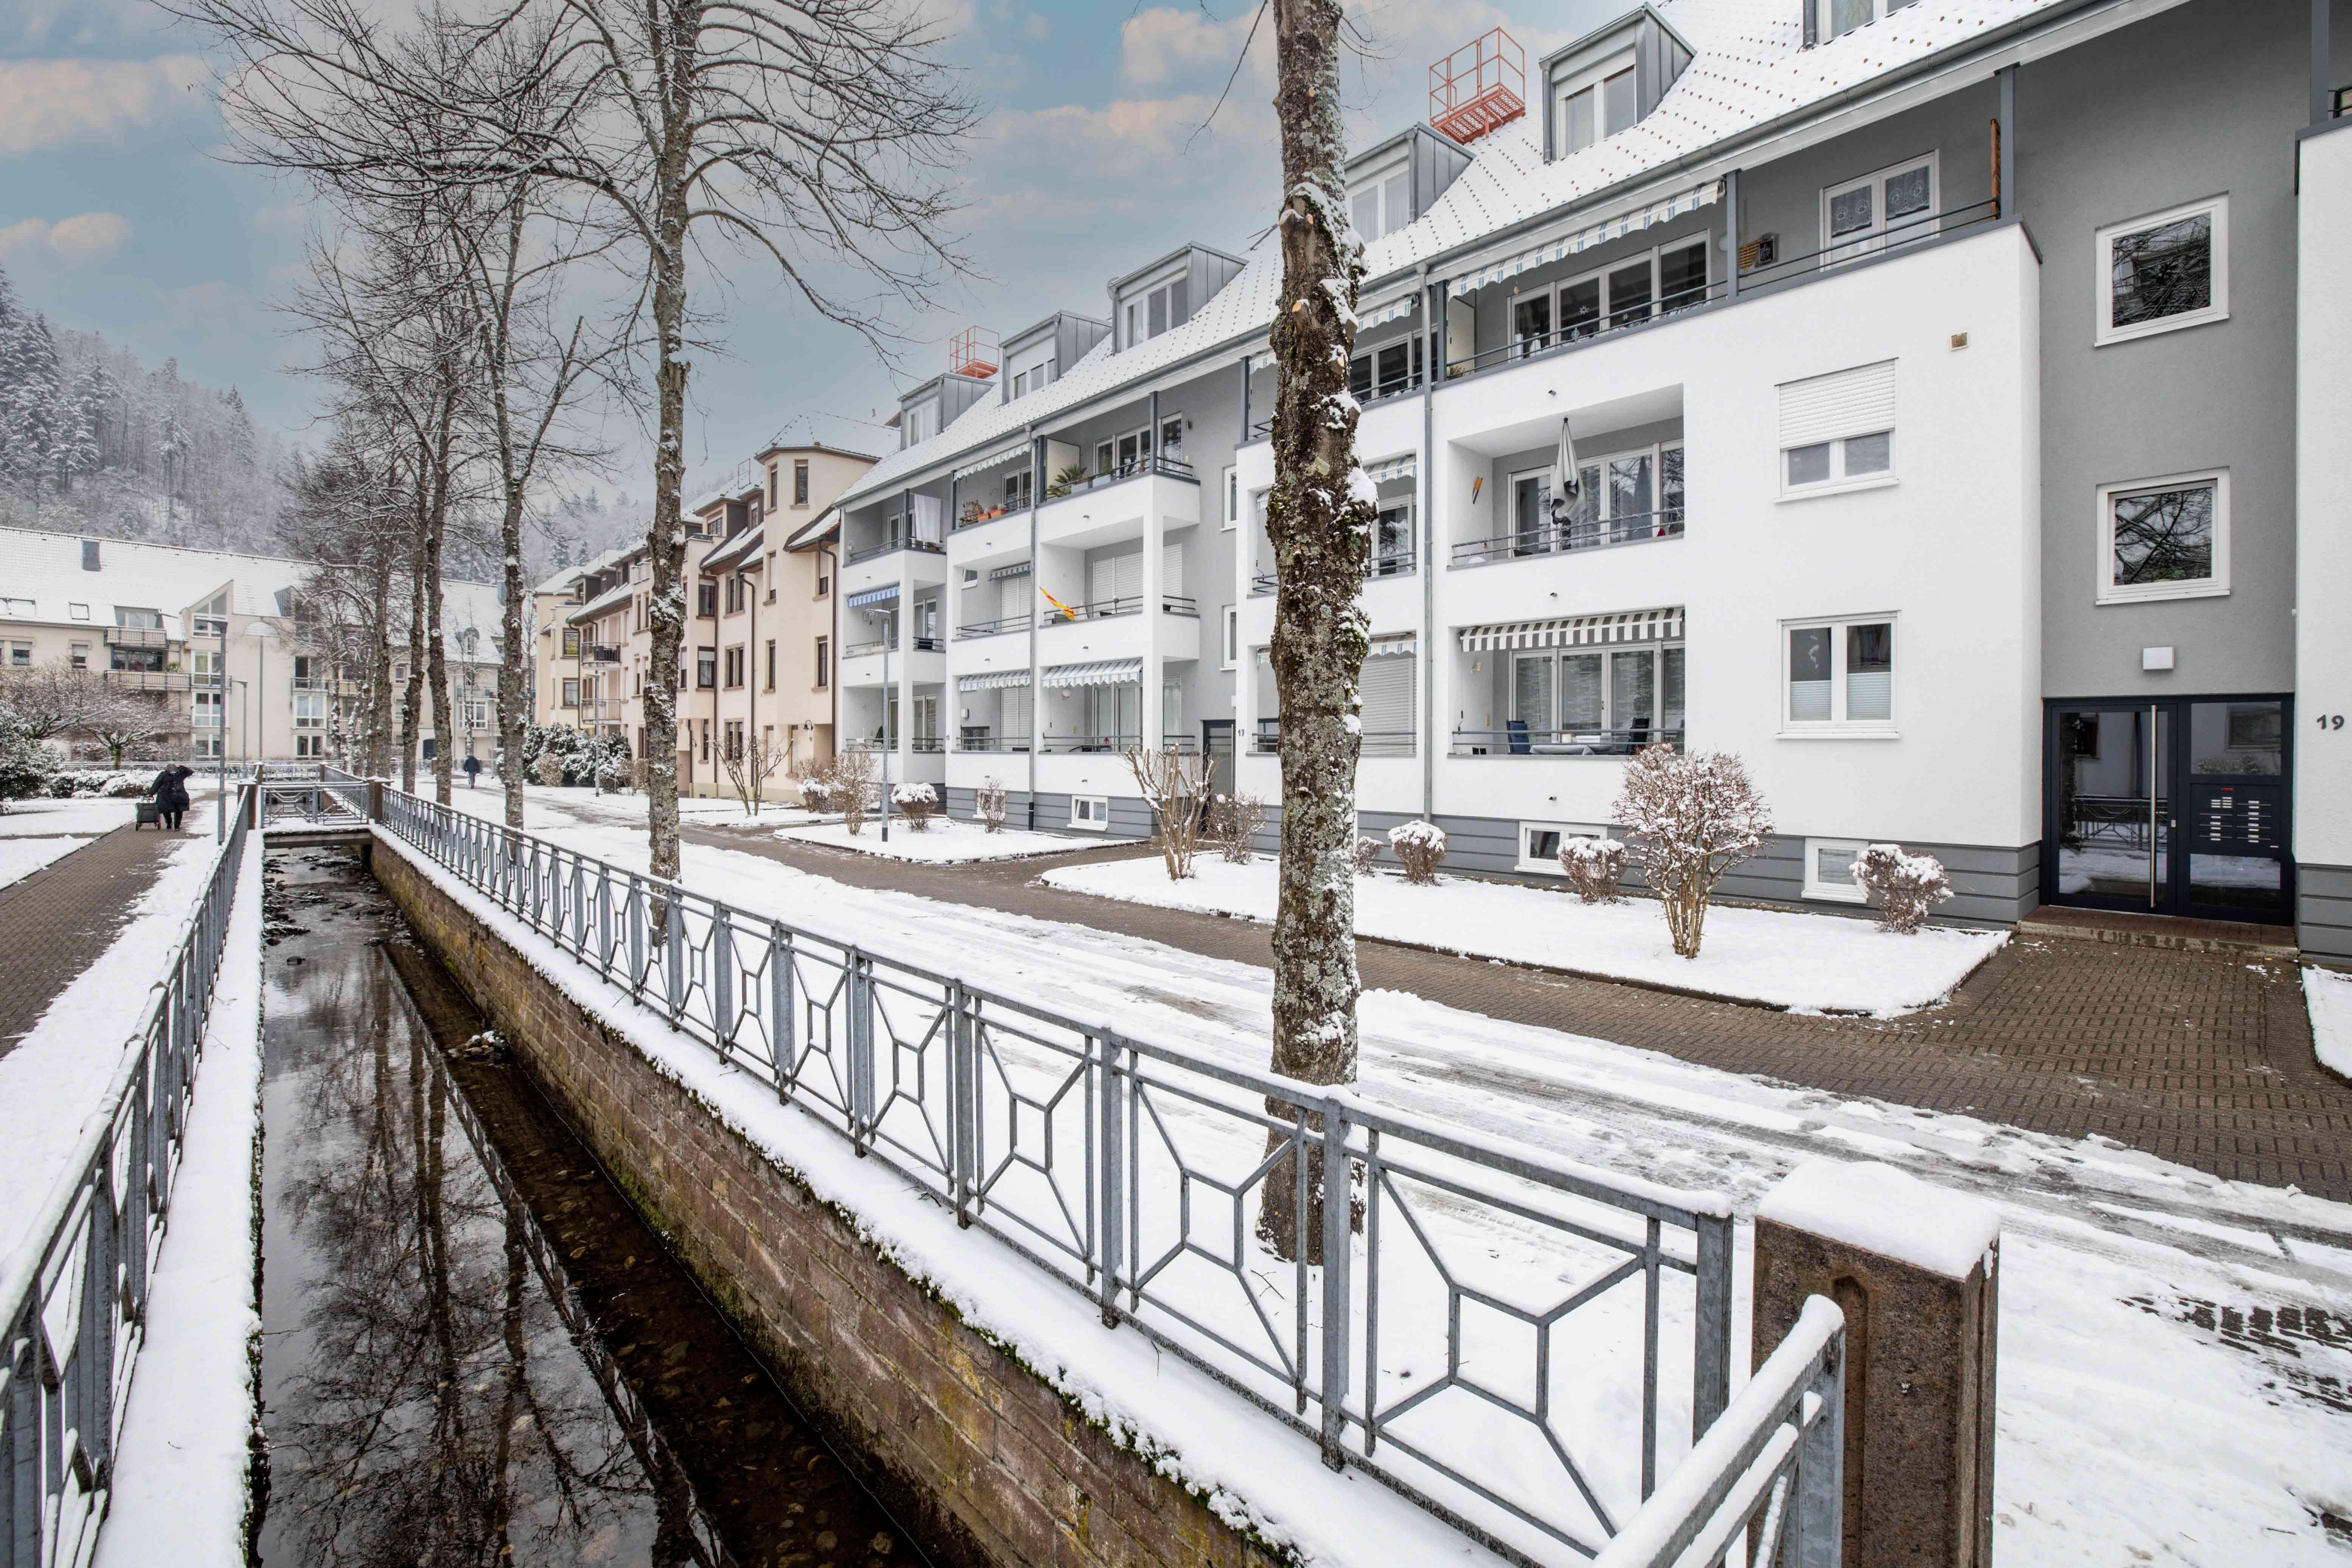 Gepflegte 3 Zimmer Eigentumswohnung im Erdgeschoss mit Tiefgarage und Einbauküche in ruhiger zentraler Lage im Herzen von Schopfheim